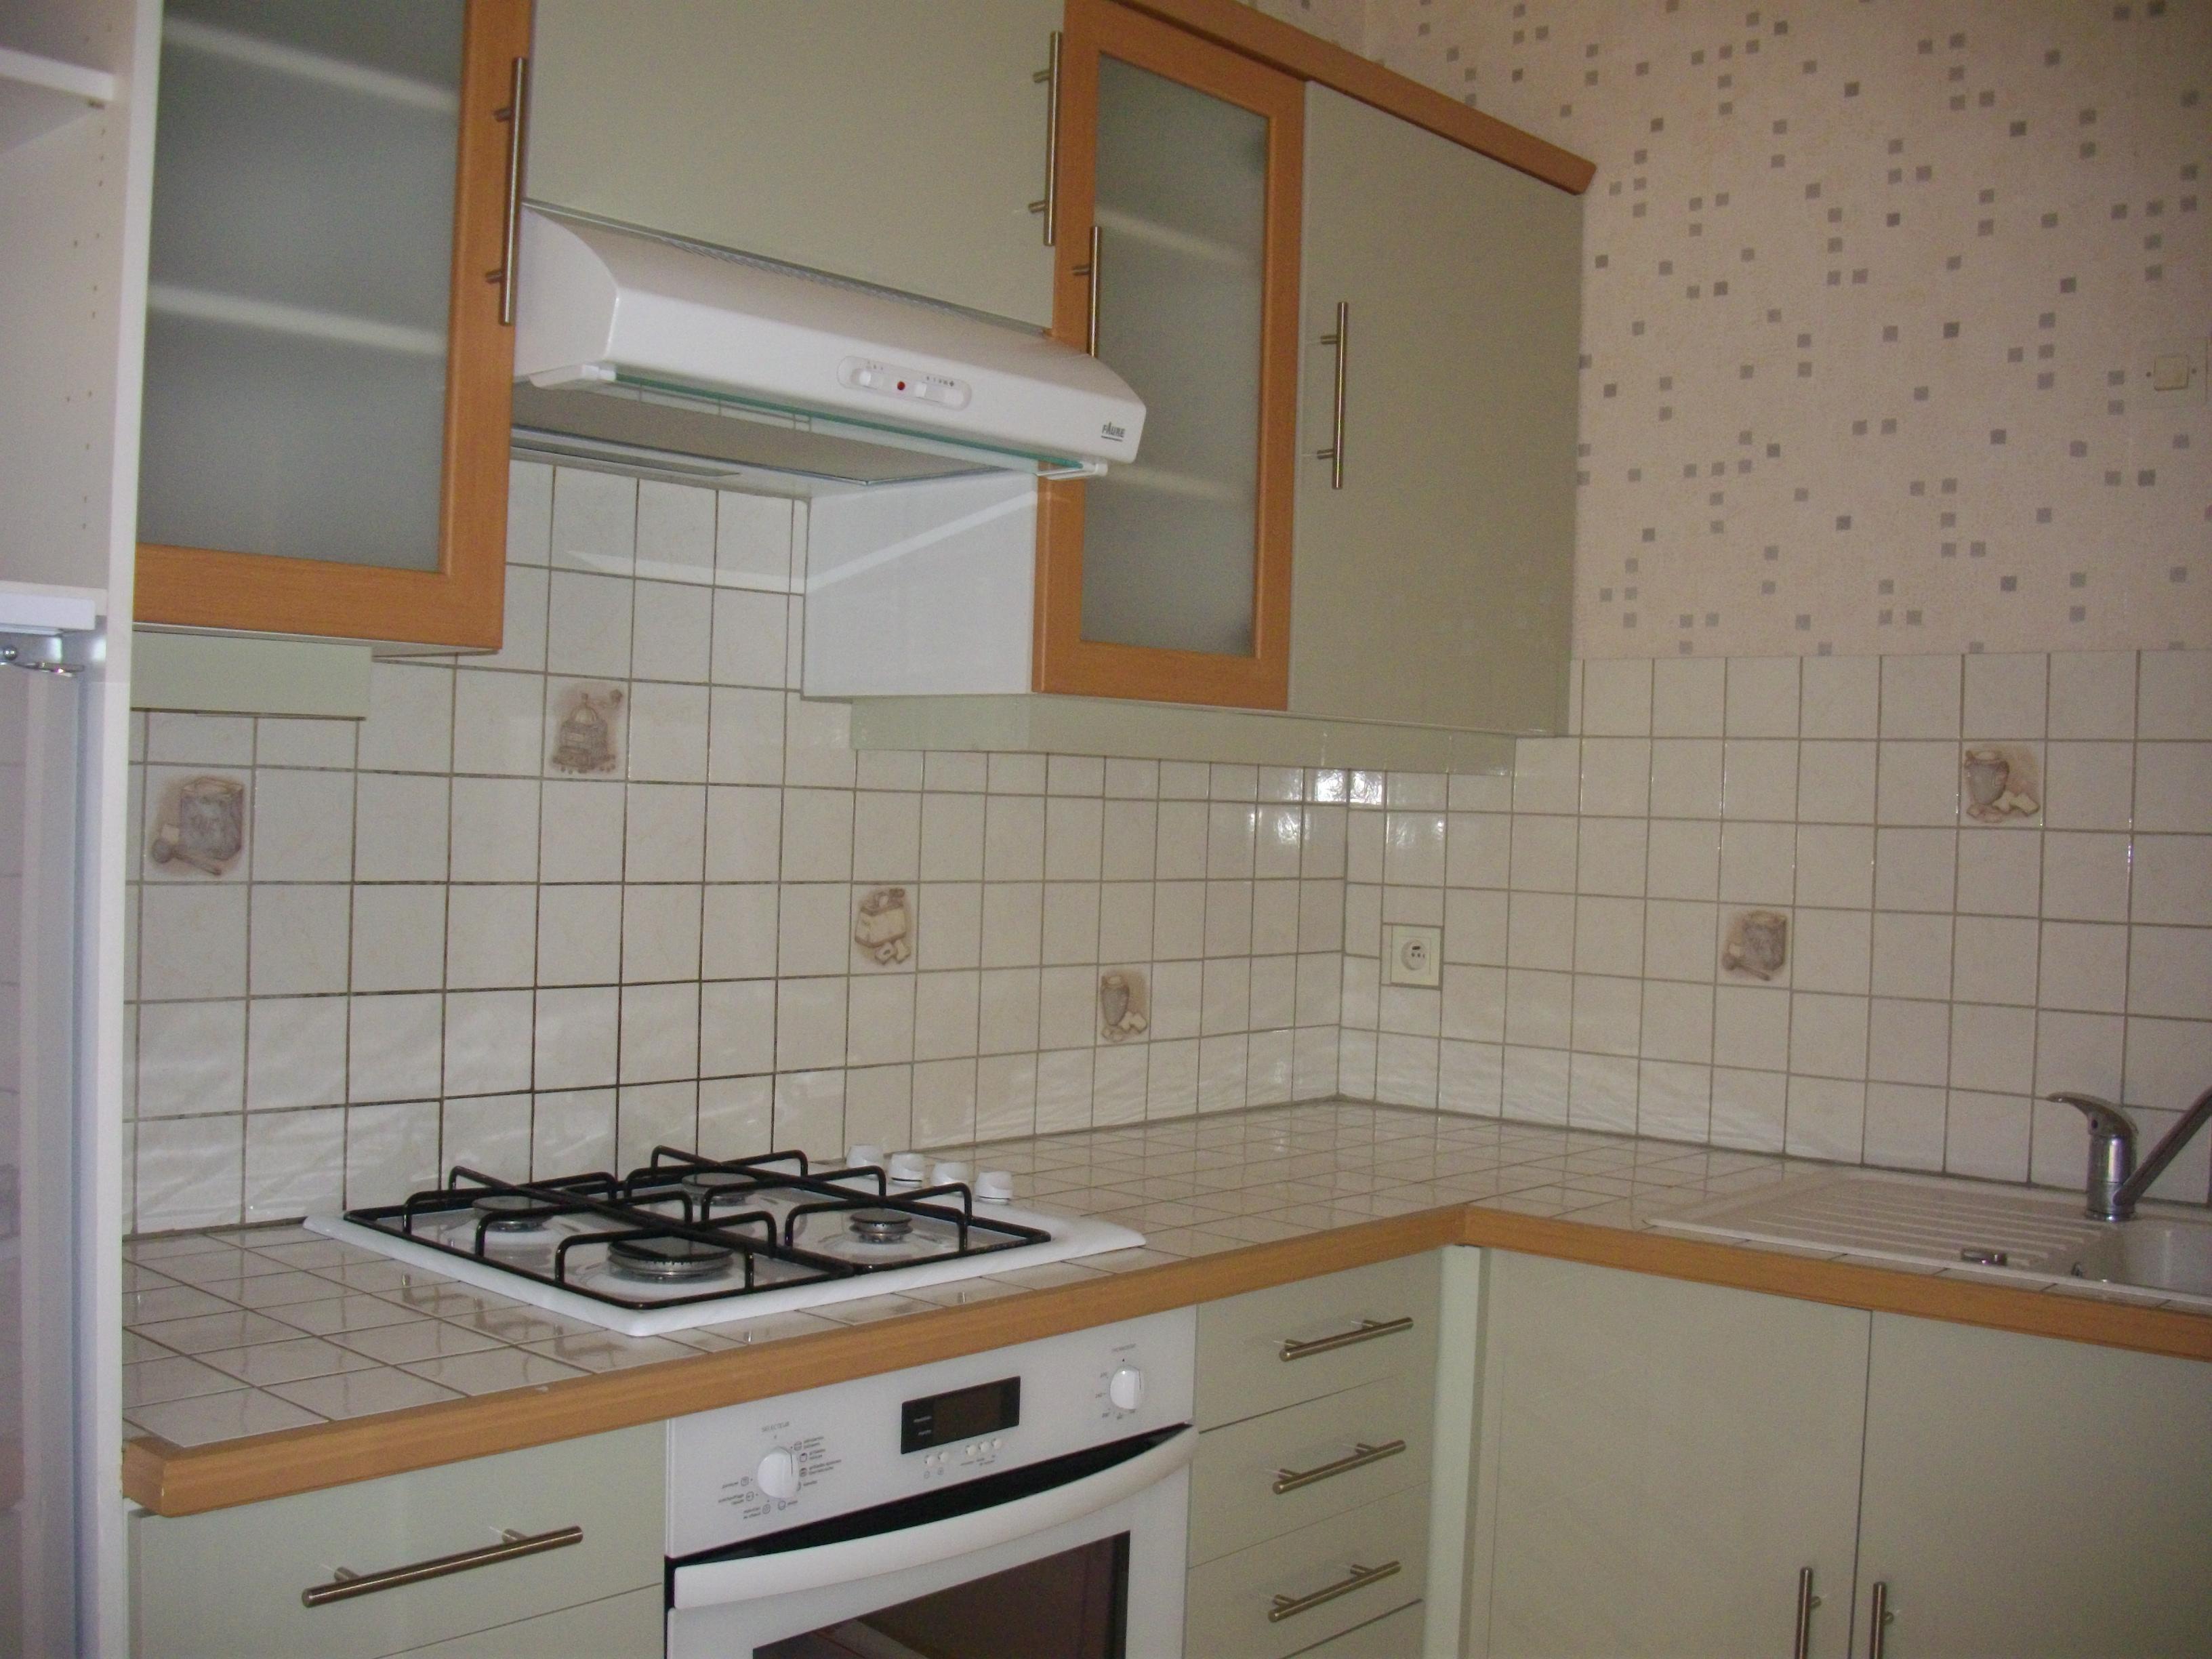 Appartement T2 à louer, dans résidence calme à Figeac